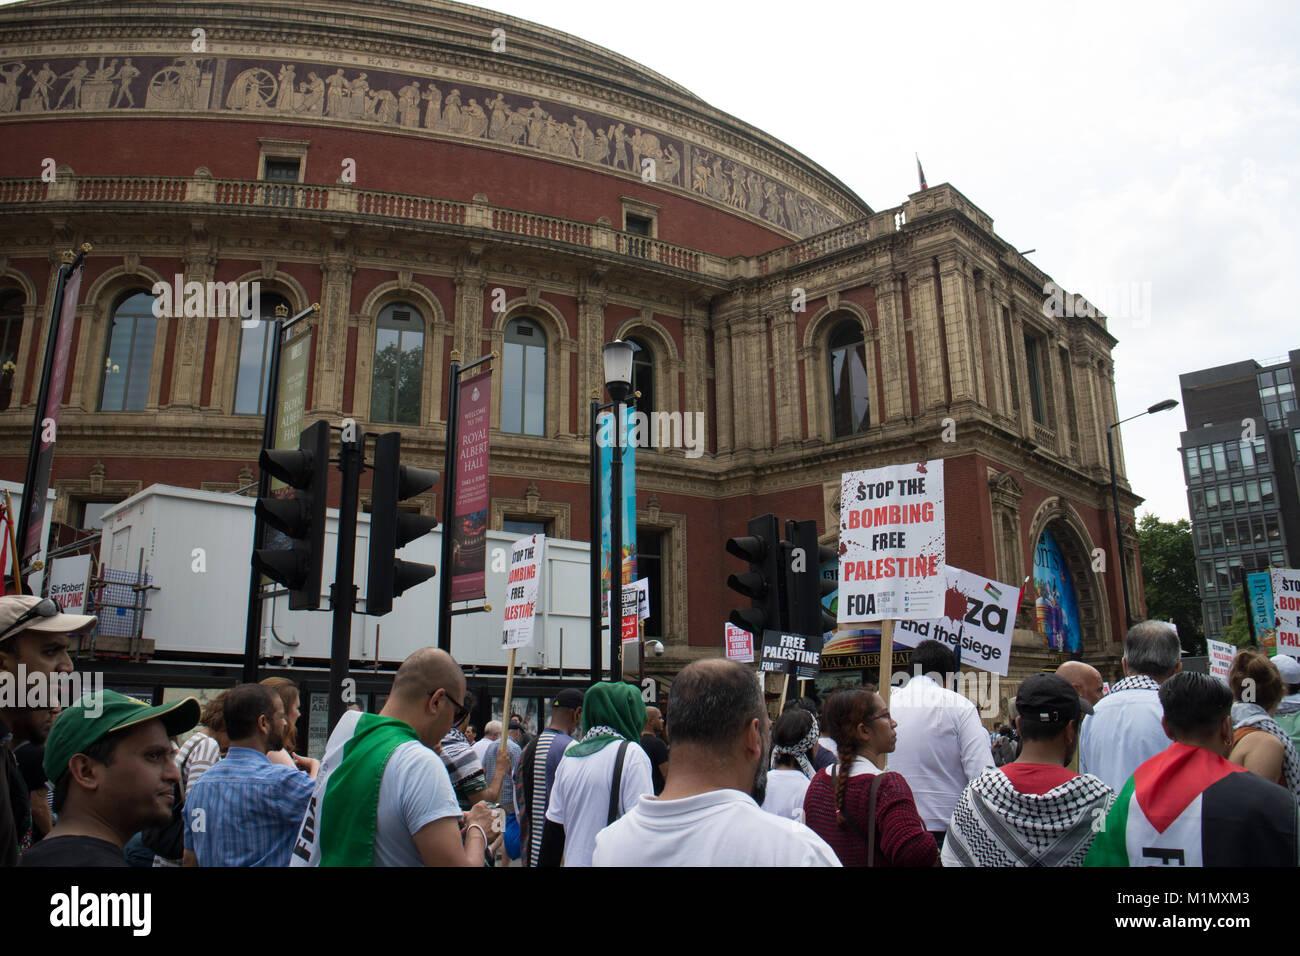 Royal Albert Hall, Free Gaza Demo - Stock Image